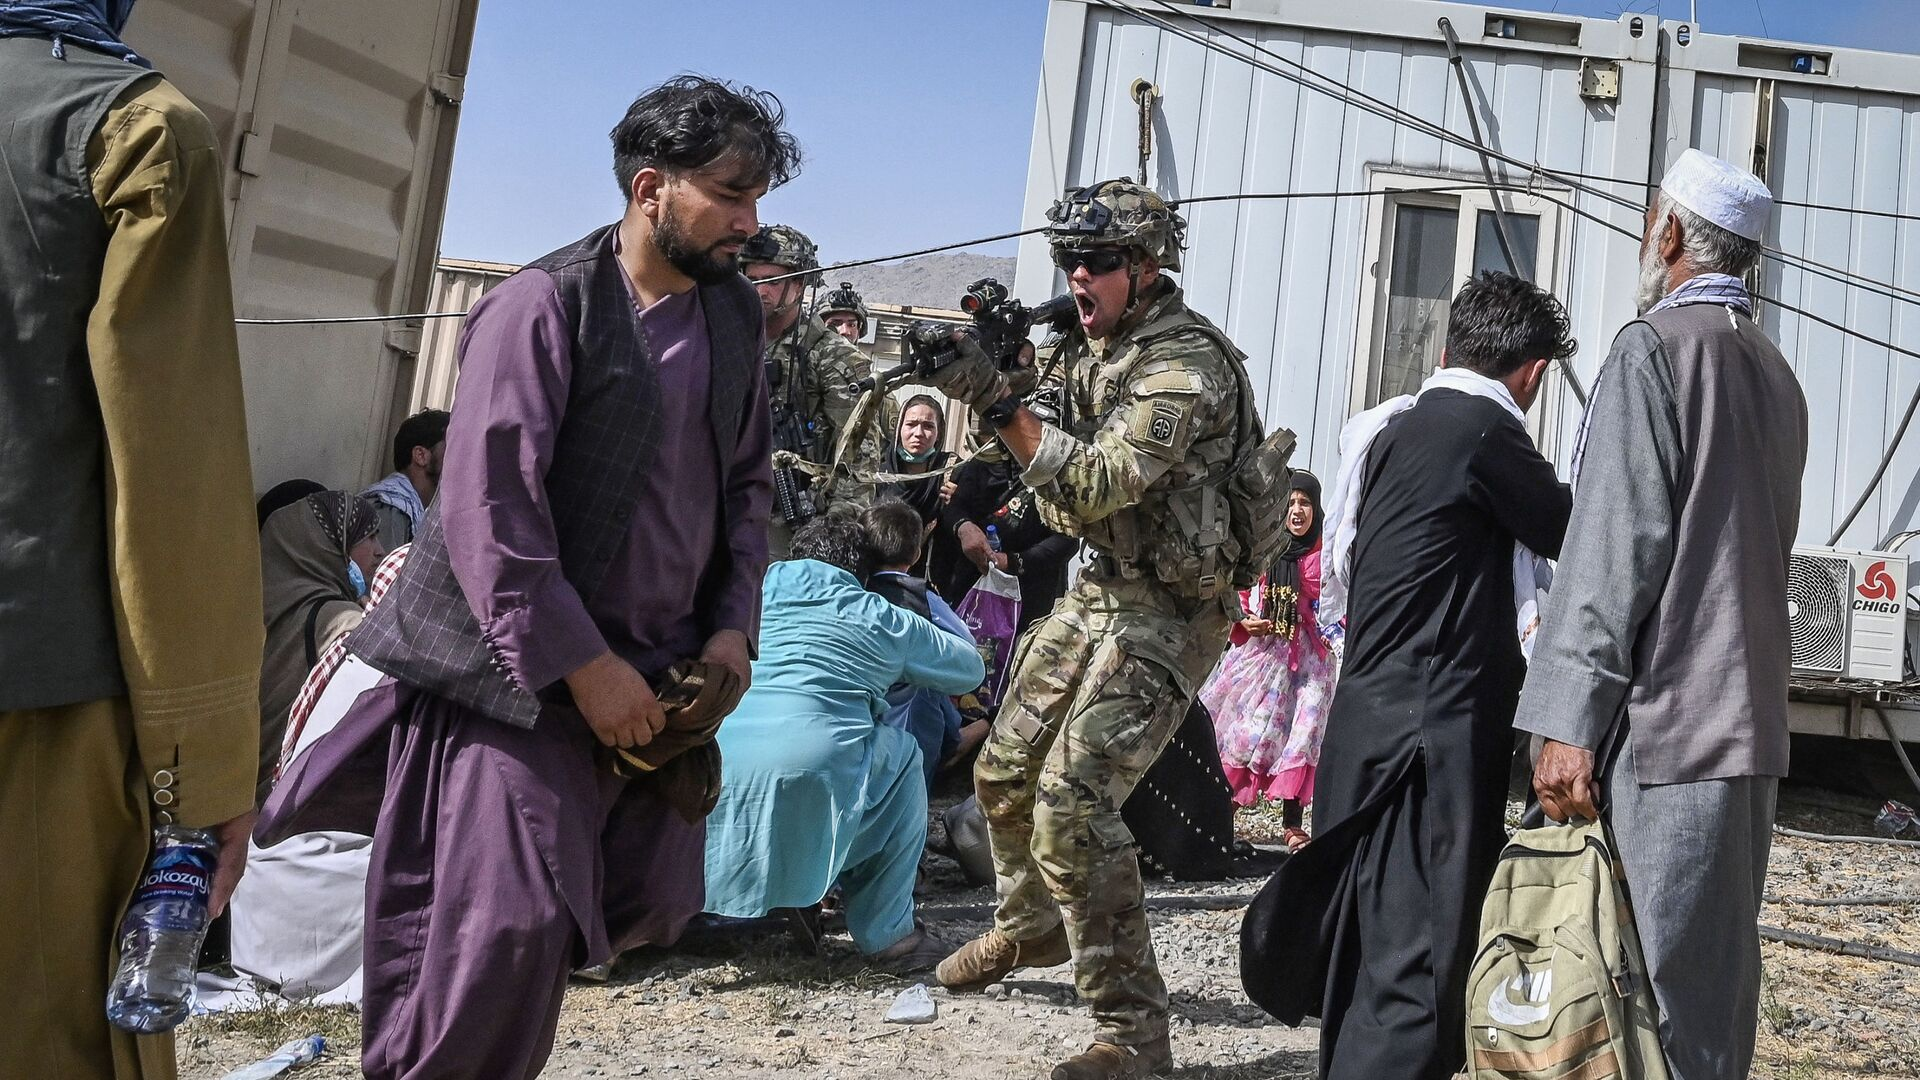 Американский солдат целится на афганцев в аэропорту Кабула  - Sputnik Mundo, 1920, 18.08.2021